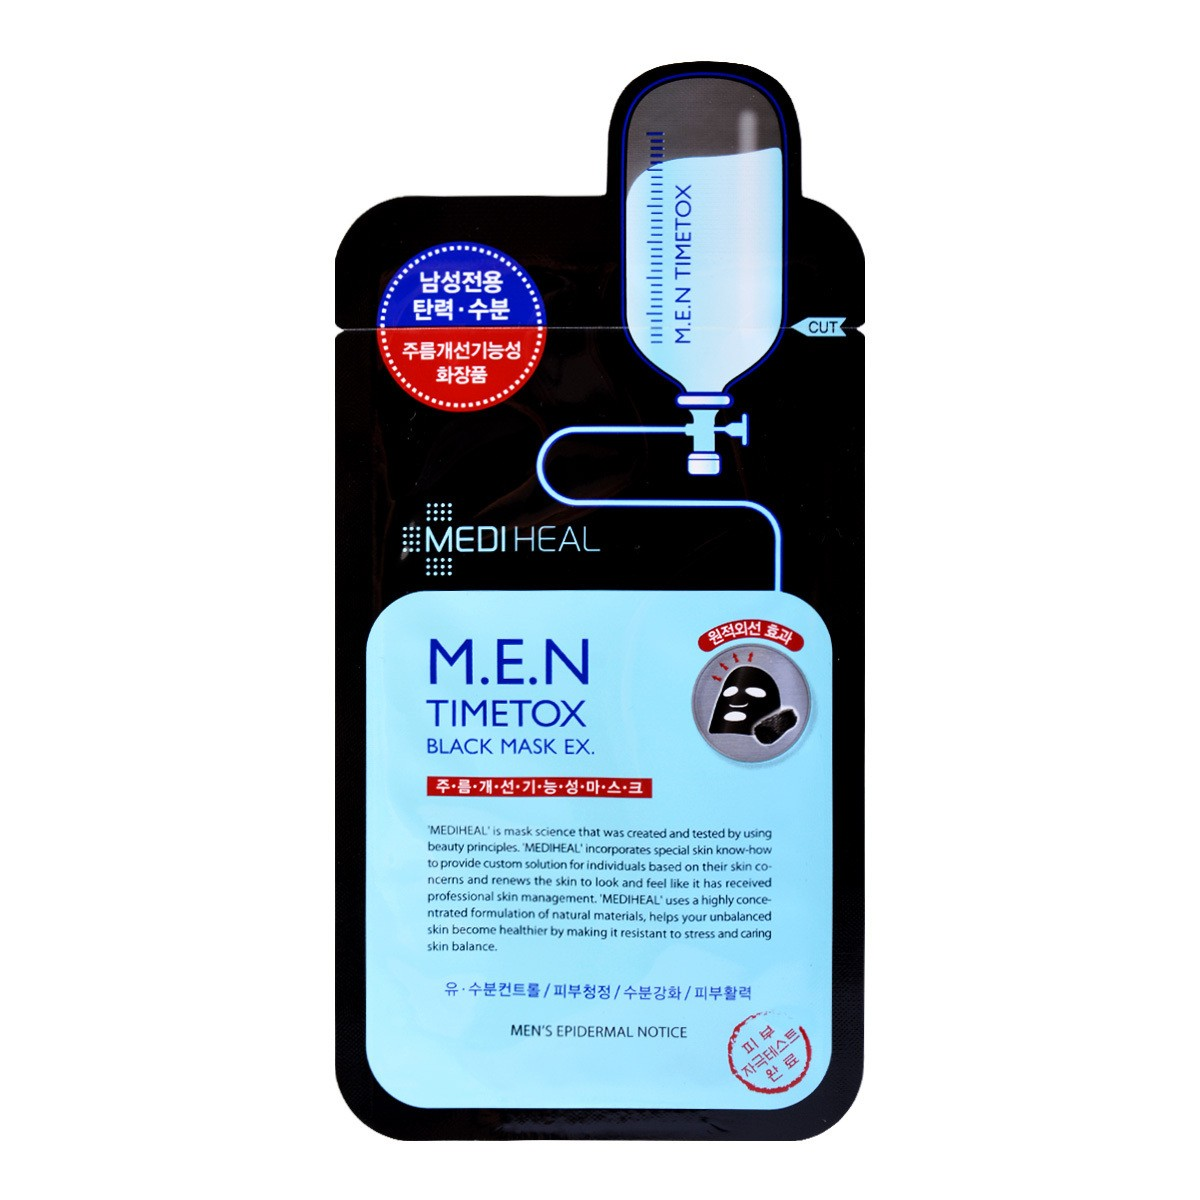 MEDIHEAL M.E.N Timetox Charcoal-Mineral Mask 1sheet